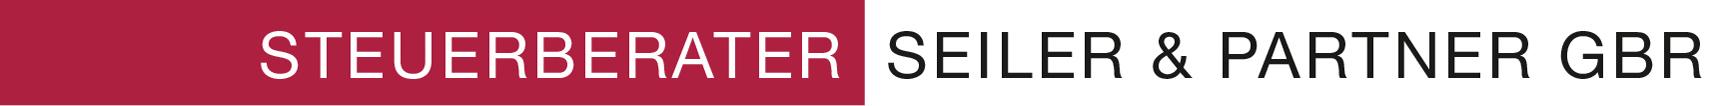 Steuerberater Seiler & Partner GbR